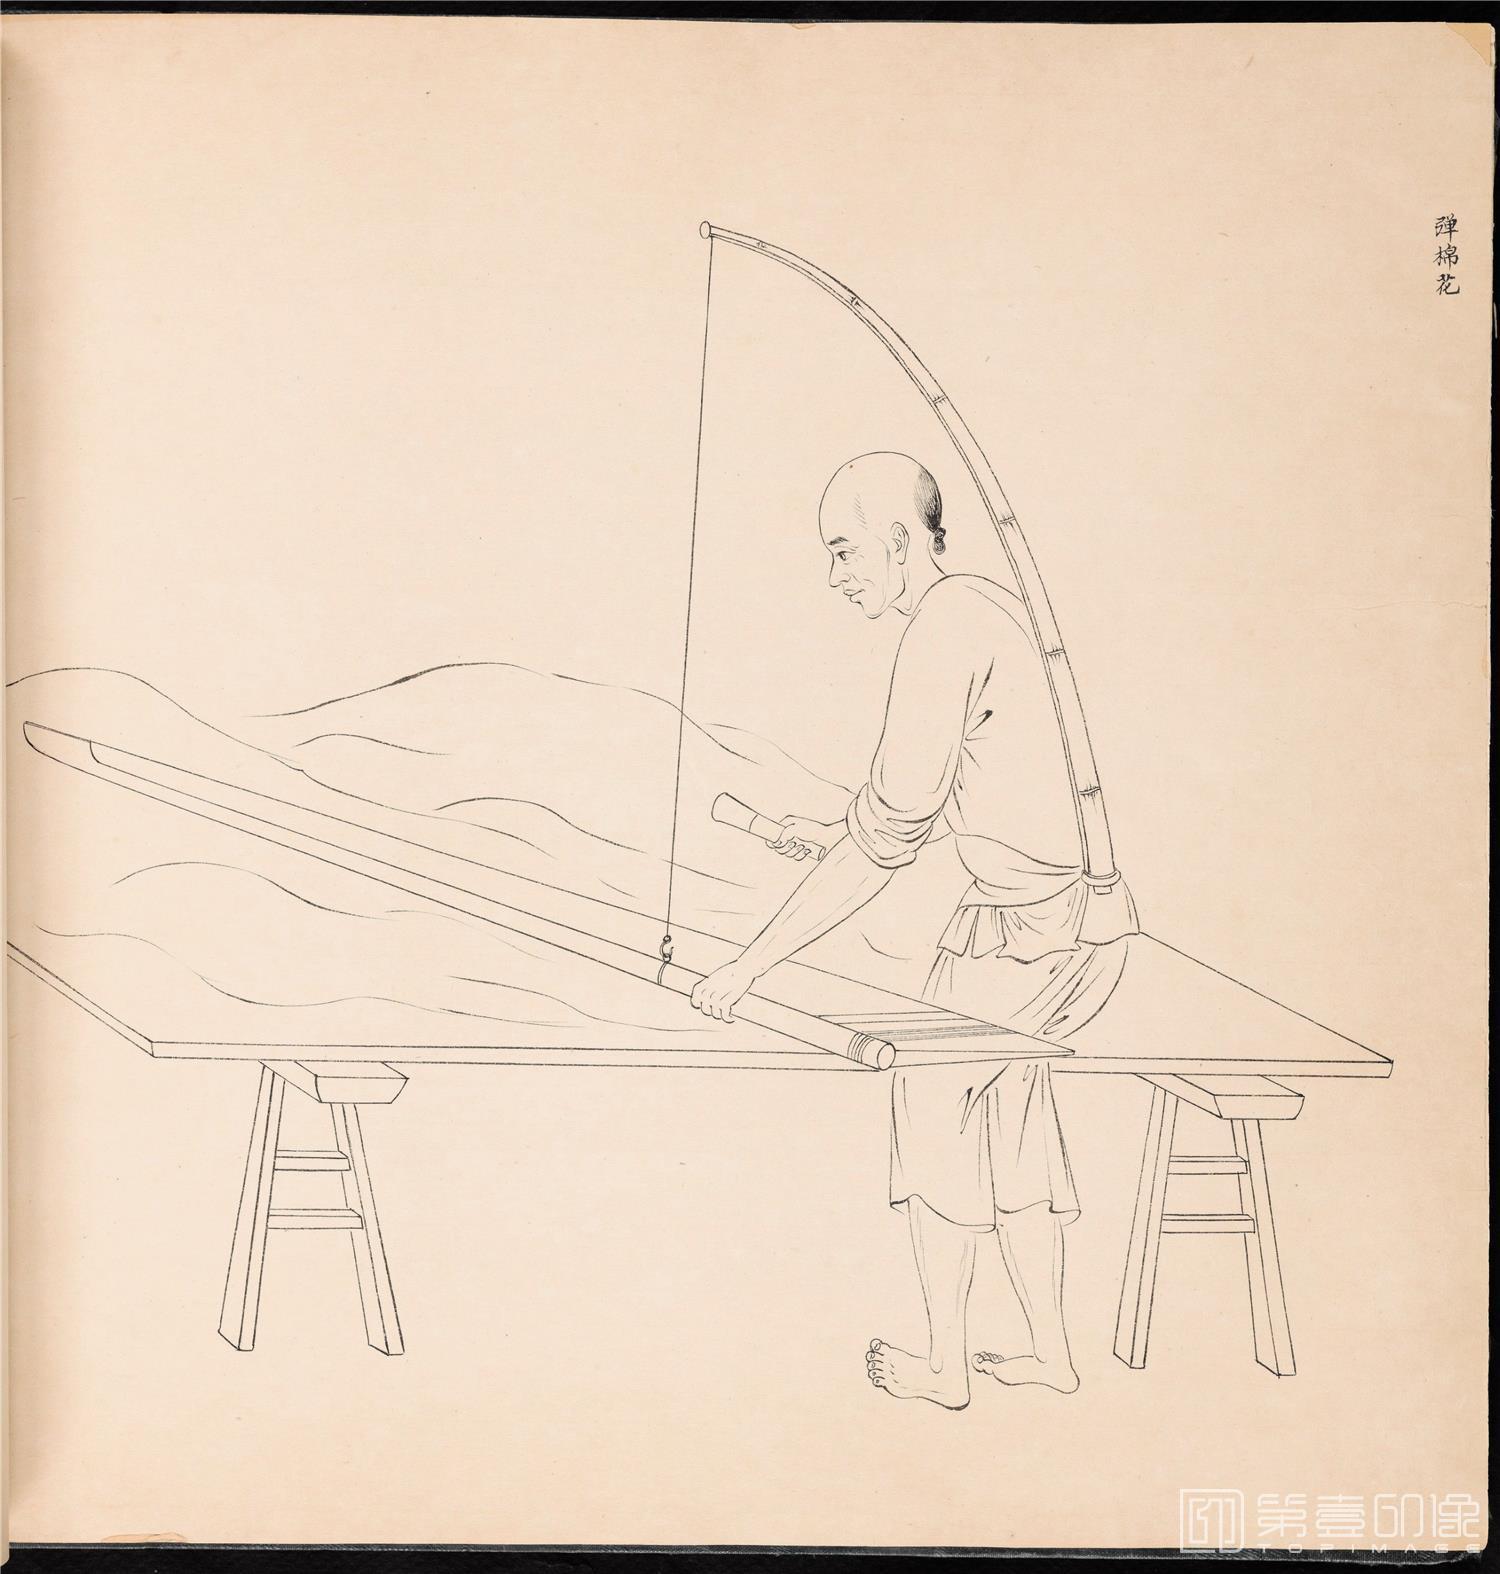 素描-清 佚名 白描街头买卖画册 纸本-002-39x42cm